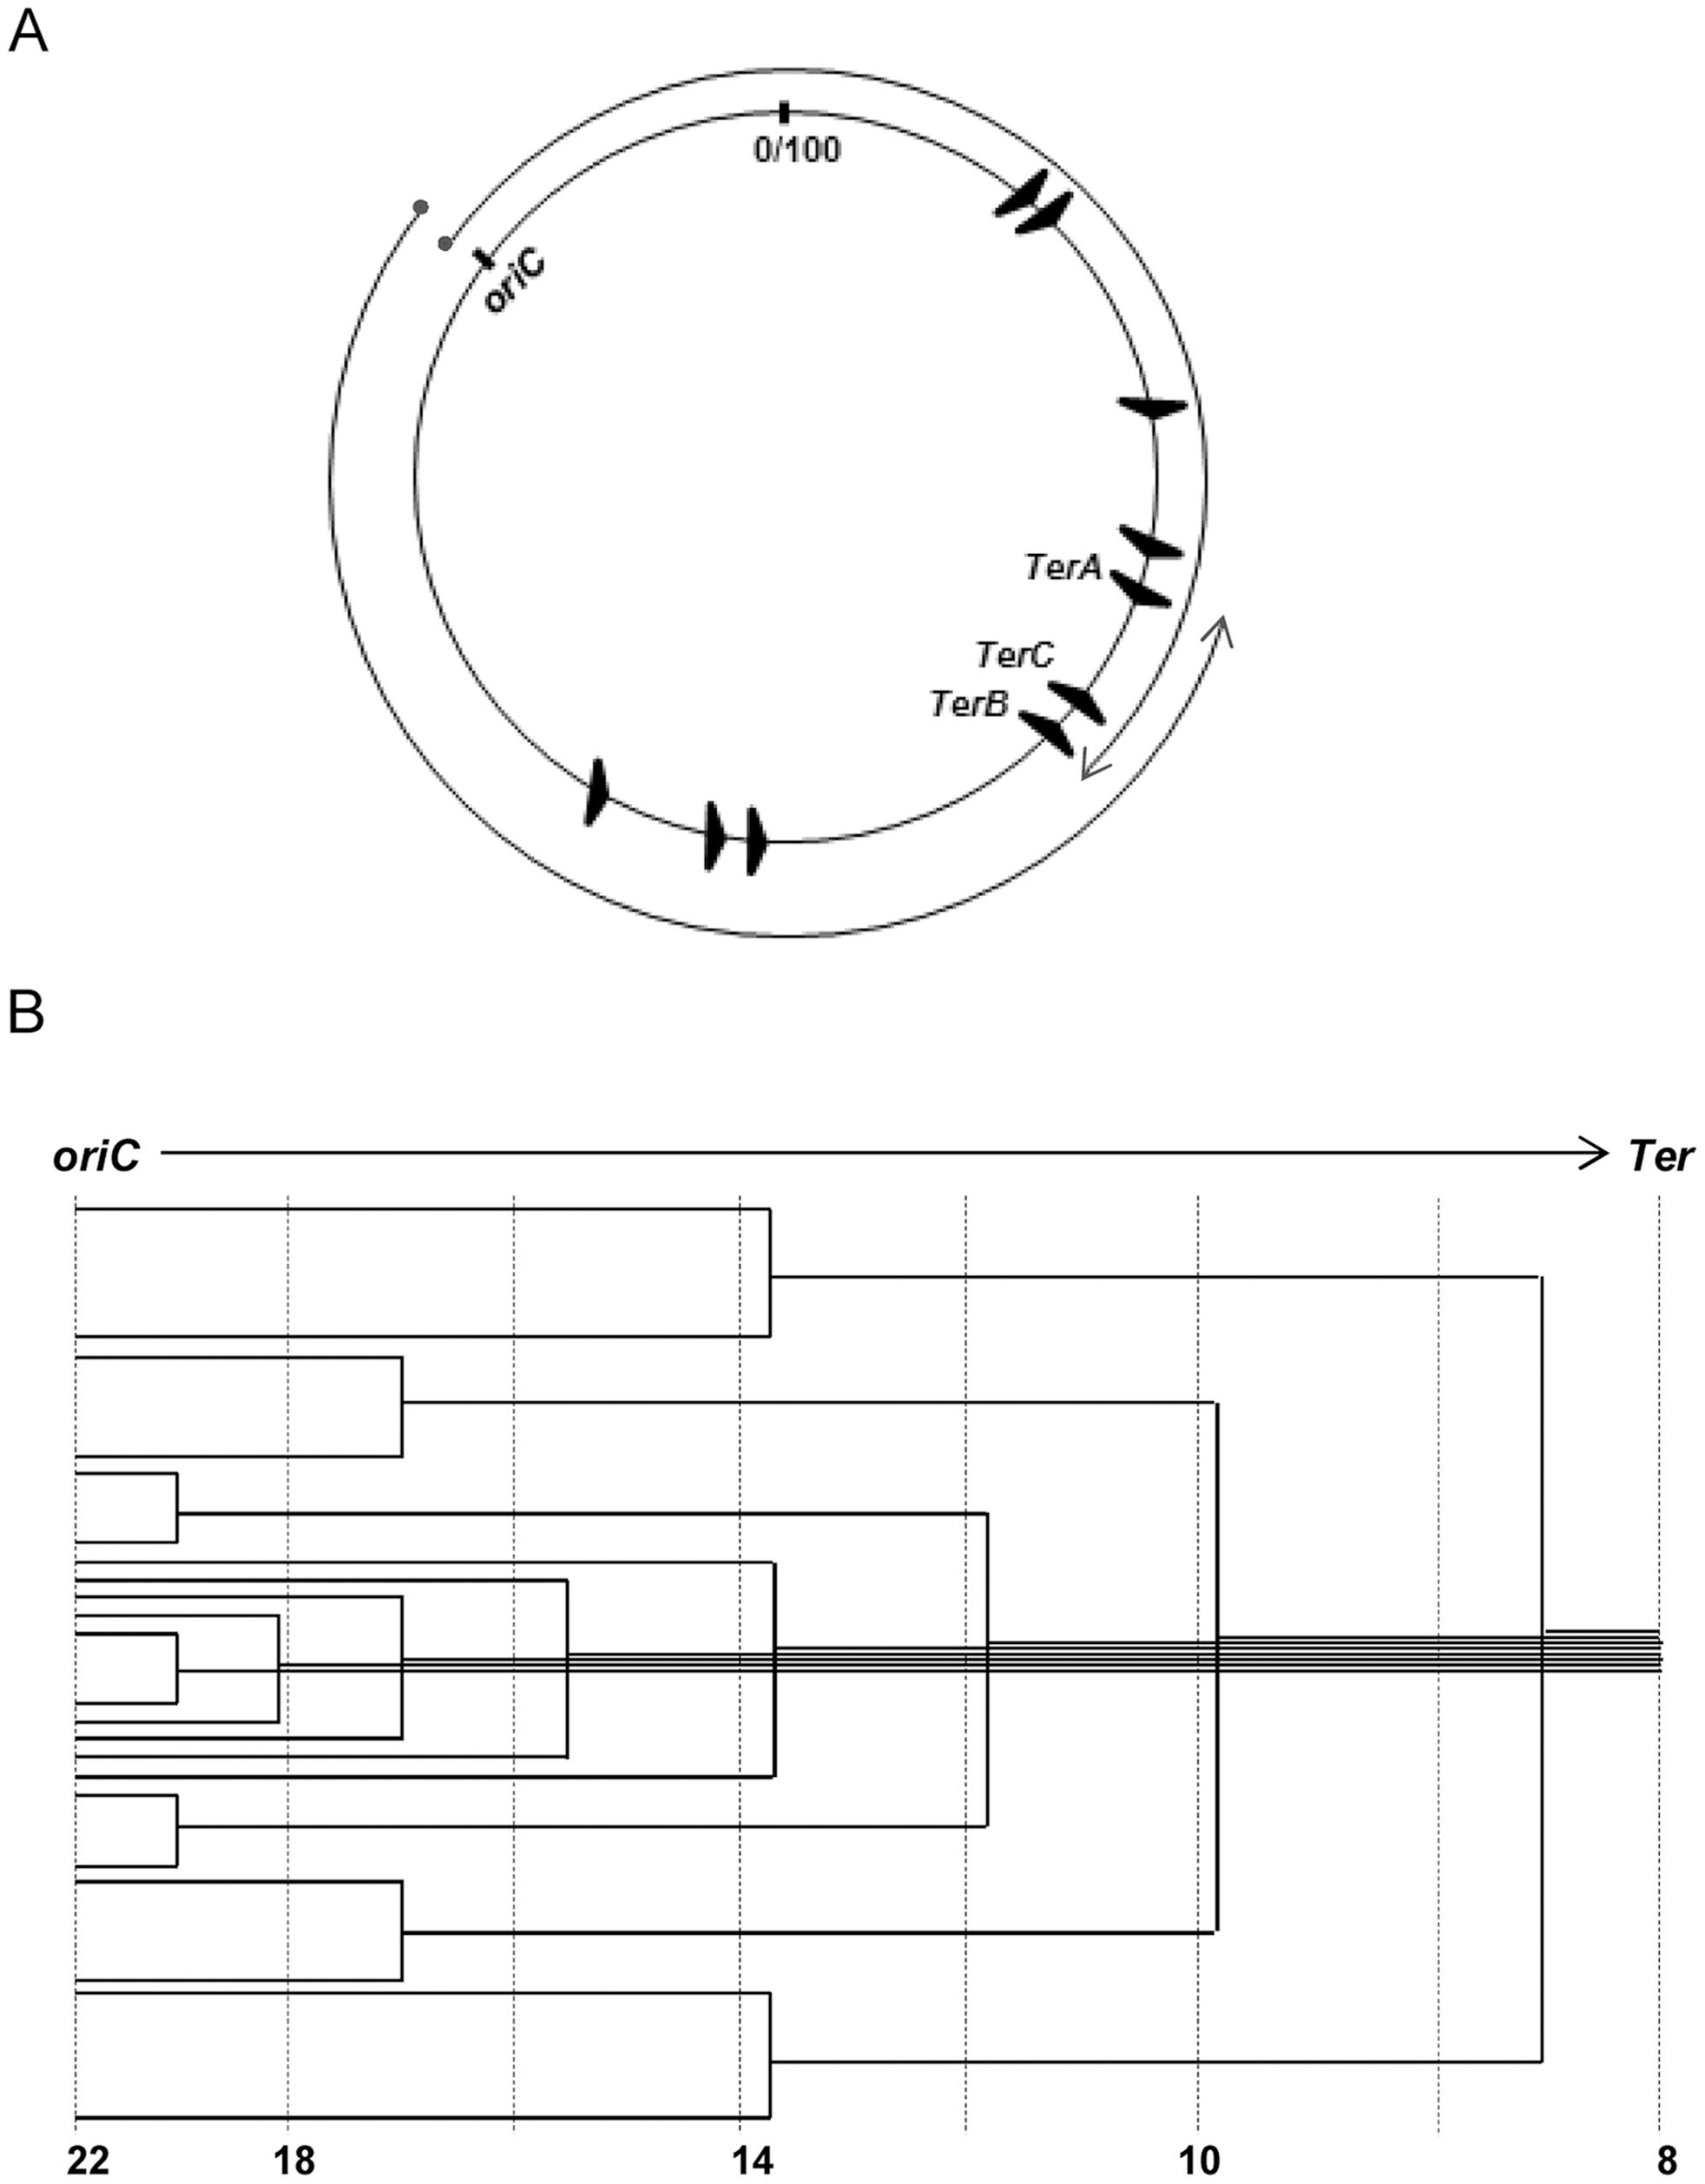 Features of <i>oriC</i>-initiated replication in <i>E. coli</i>.